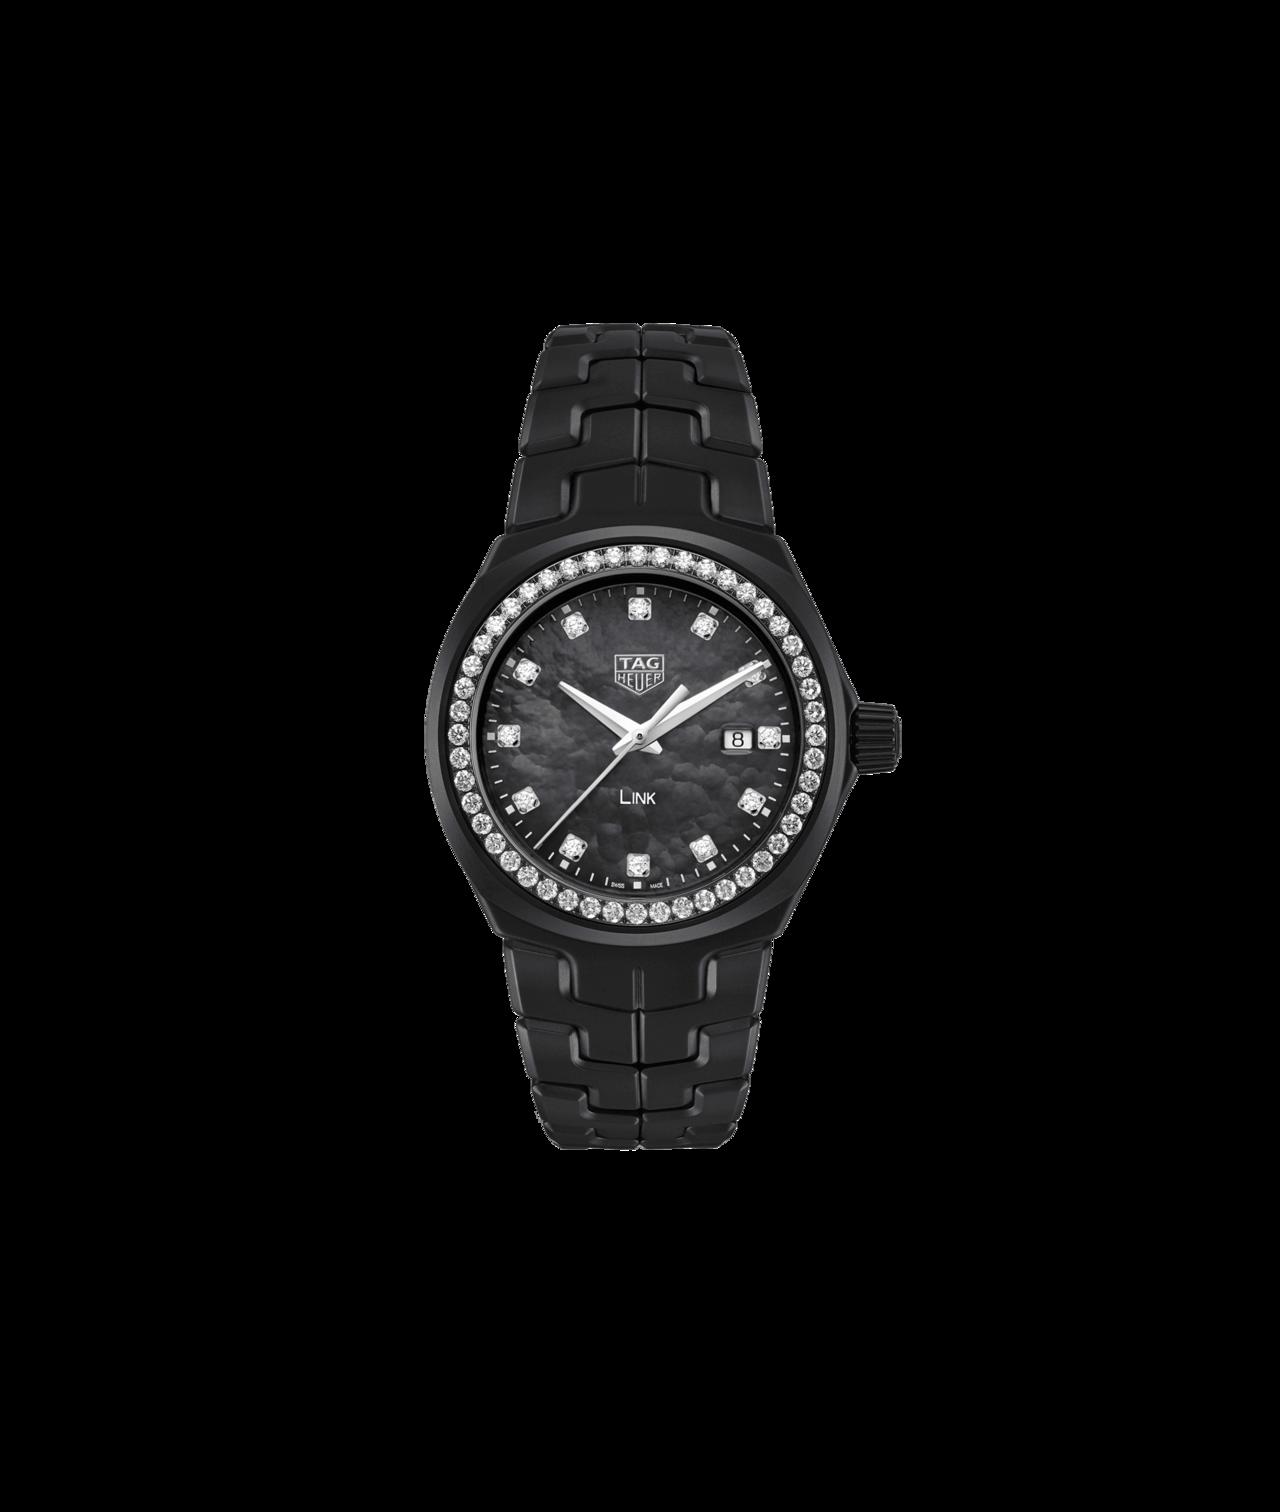 泰格豪雅Bella Hadid限量版Link系列鑲鑽腕表,表鍊、表殼皆為黑色陶瓷...